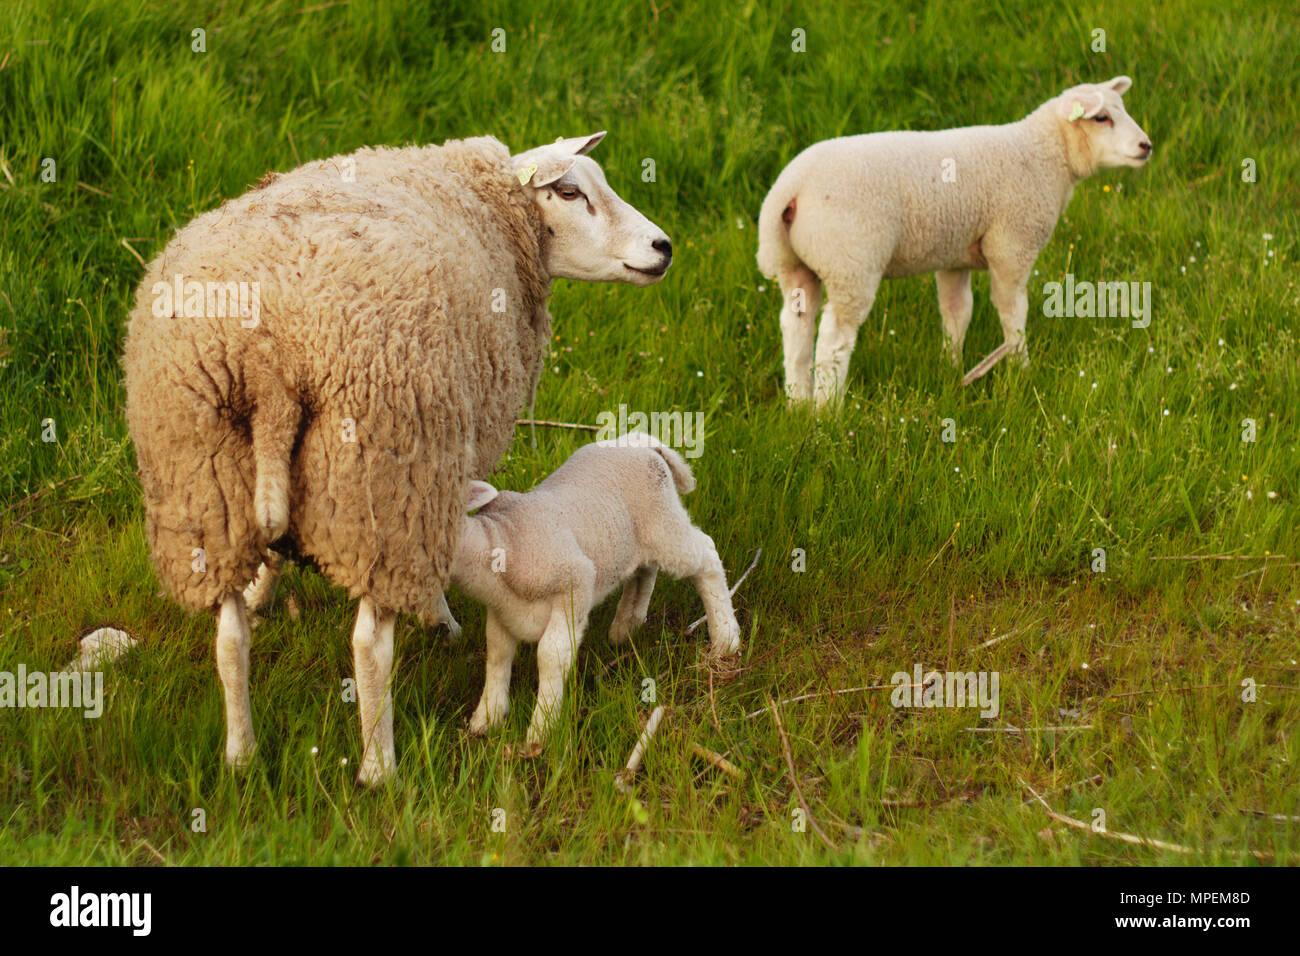 Una oveja con sus dos corderos. Uno de los corderos es potable. Imagen De Stock